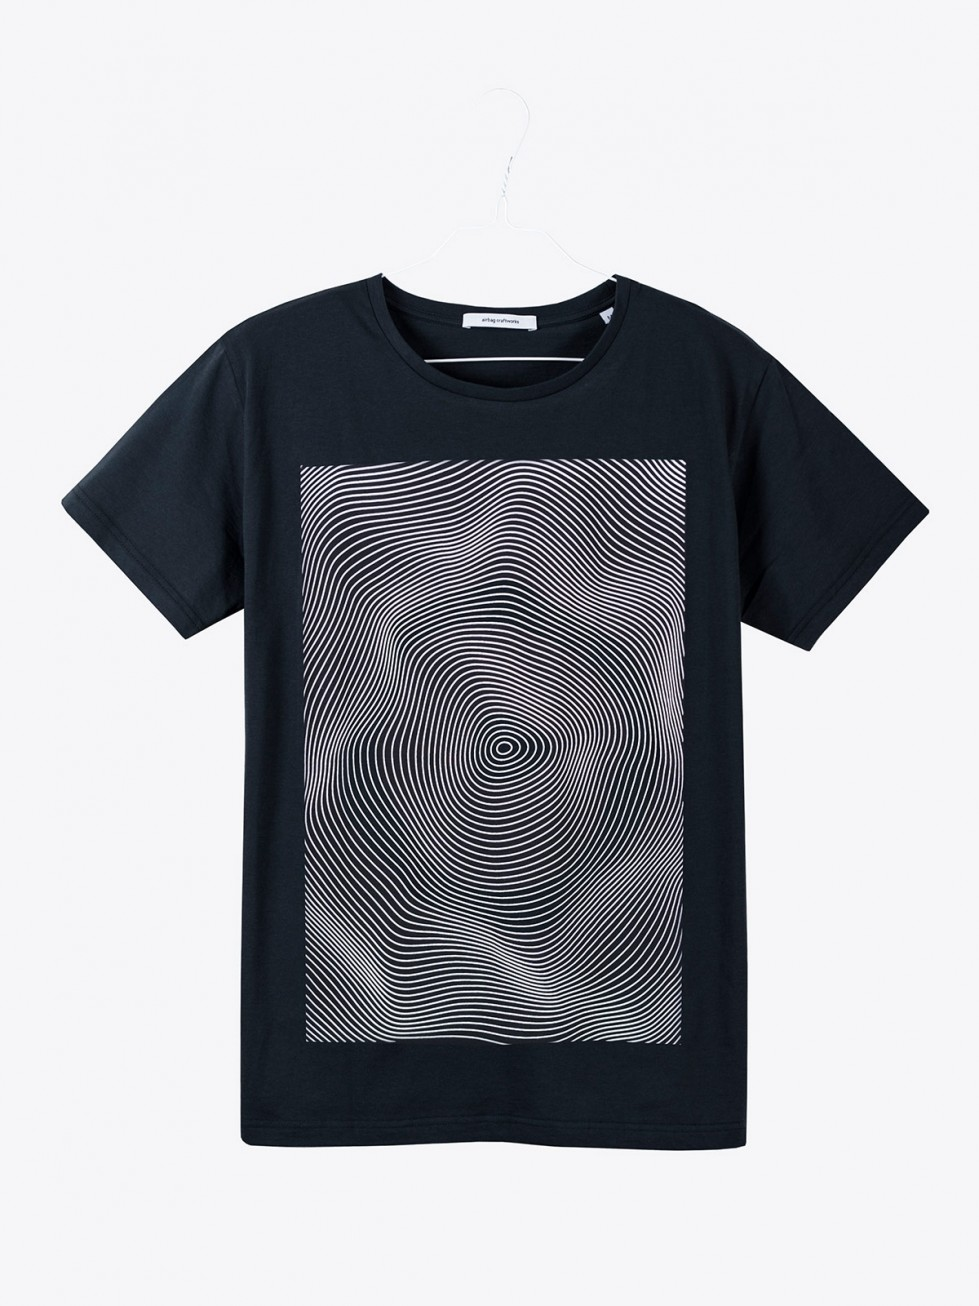 acw_2016pm_whitewaves_tshirt_1.jpg